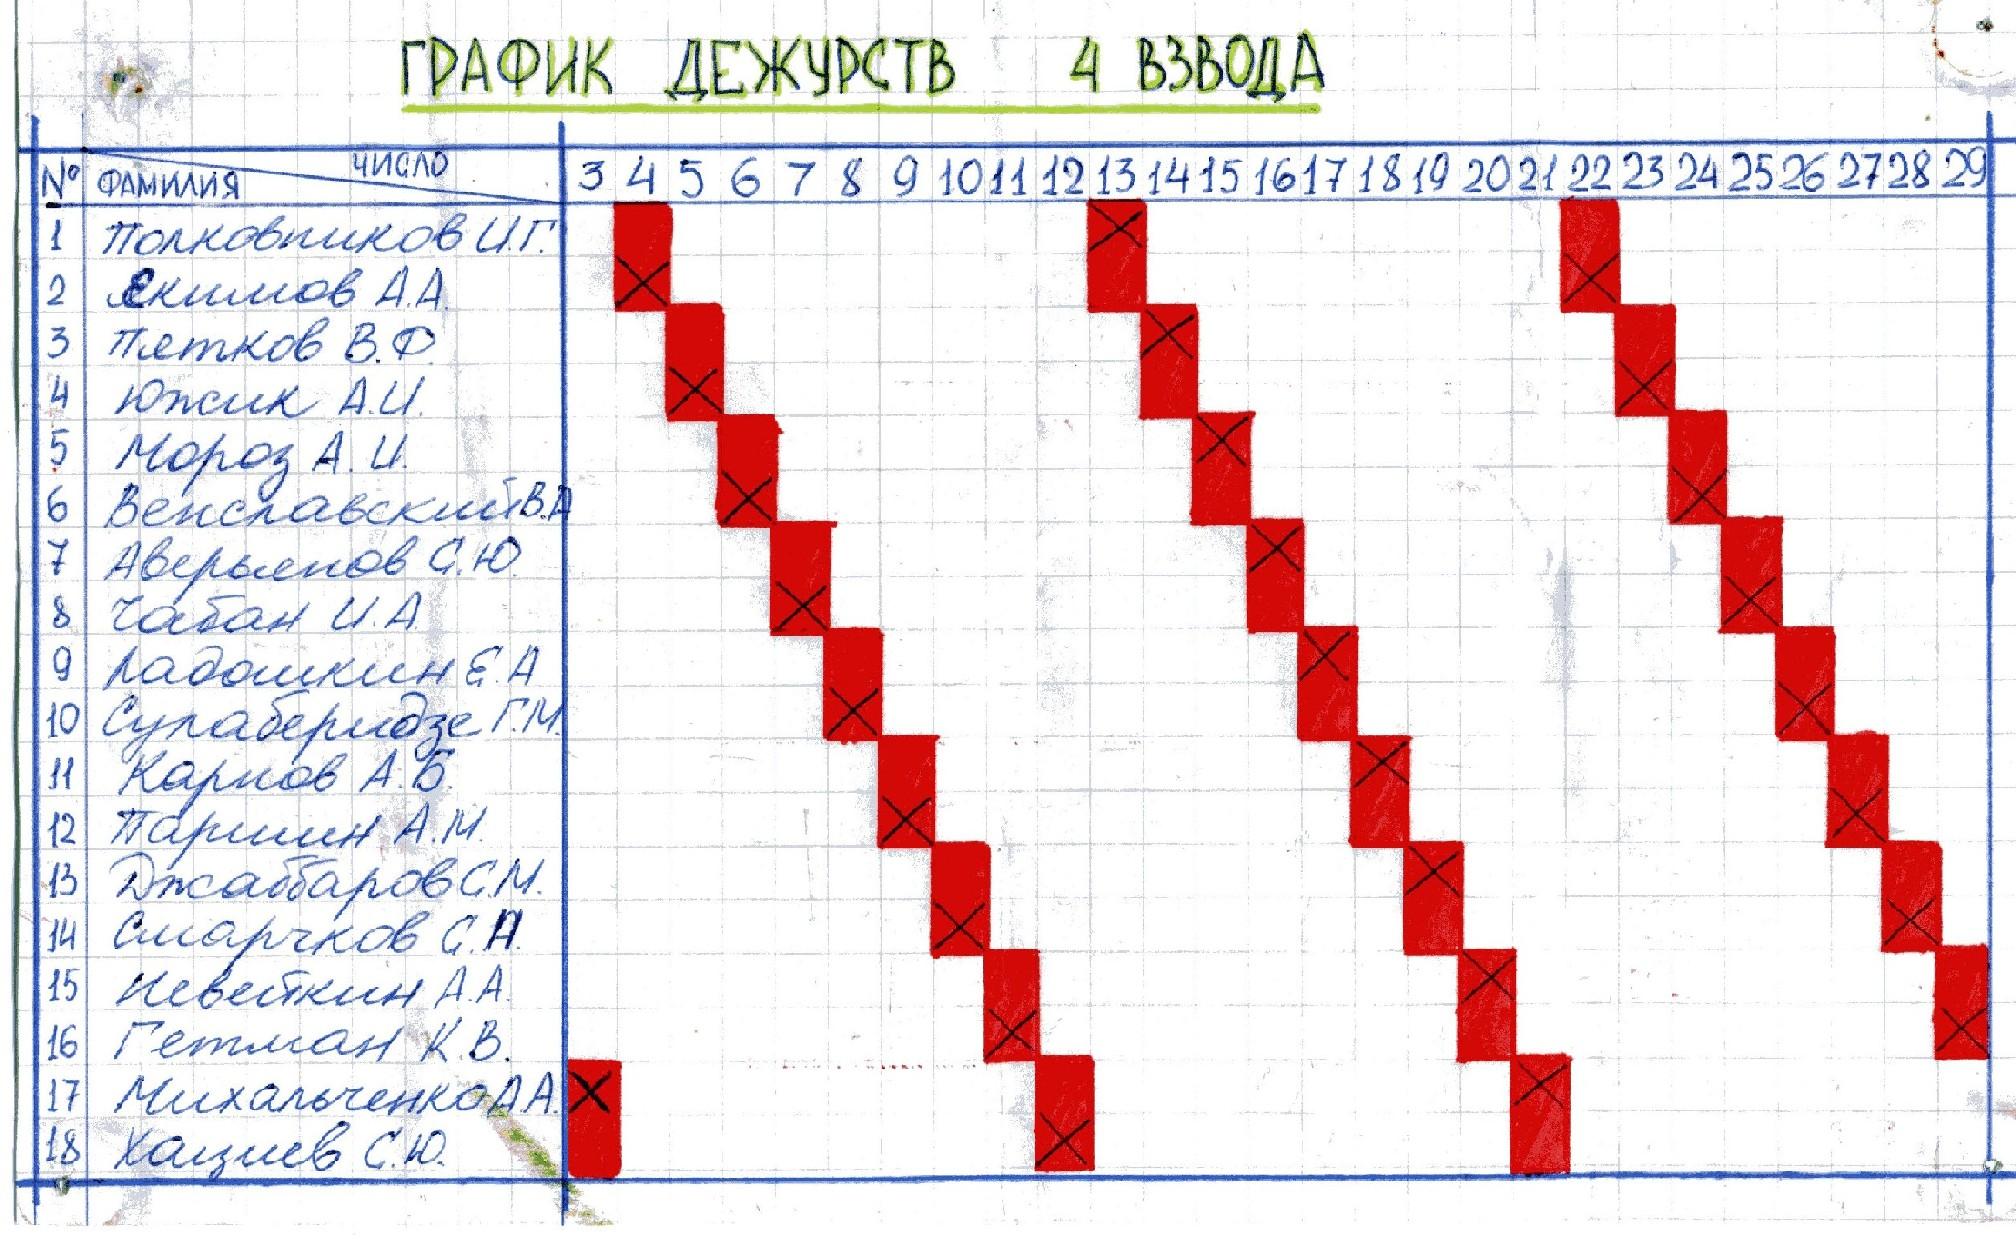 Графики и диаграммы 41